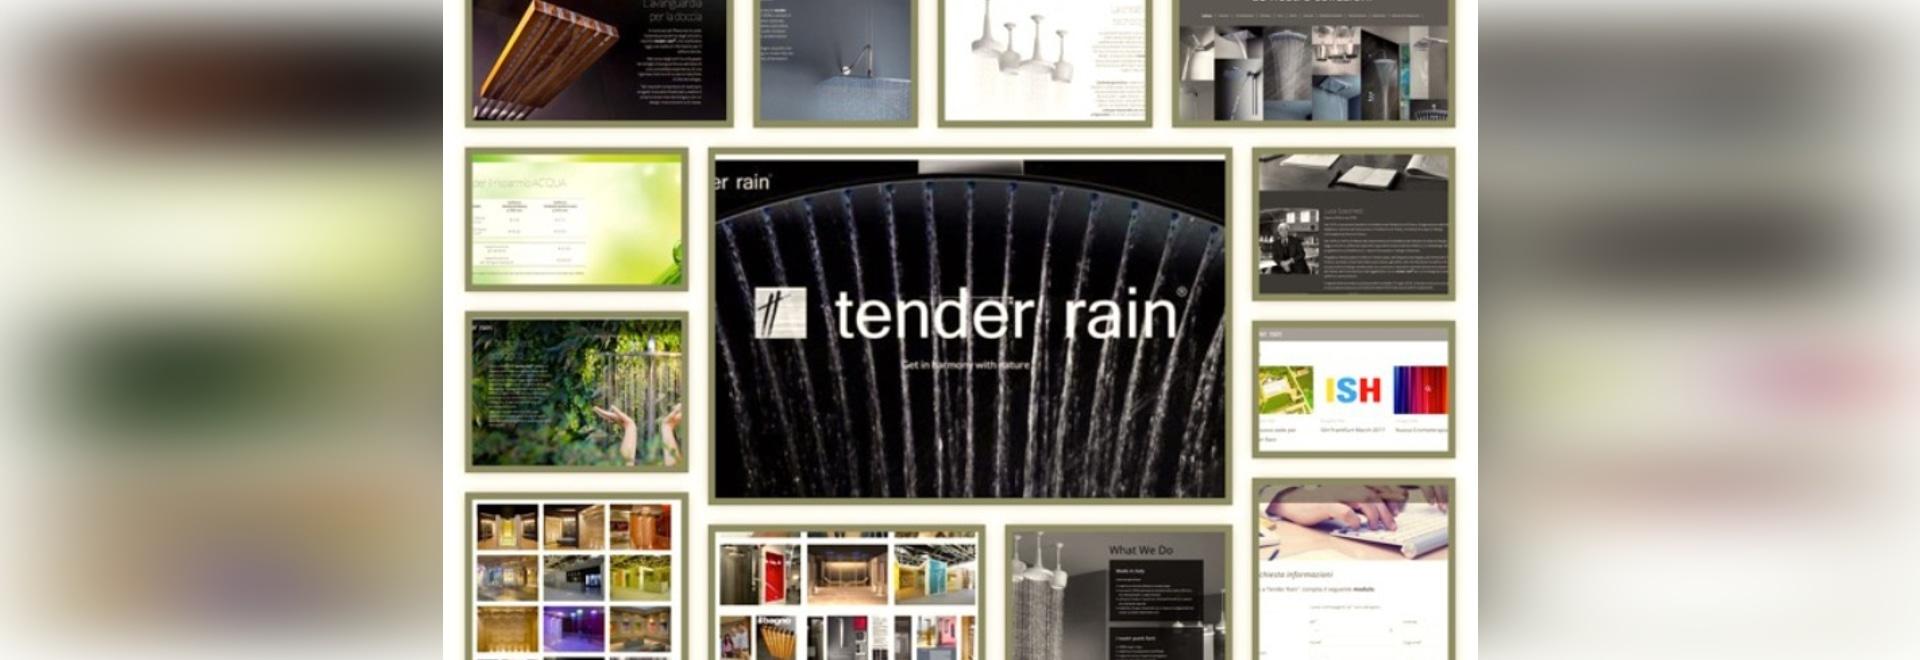 new website for tender rain showers